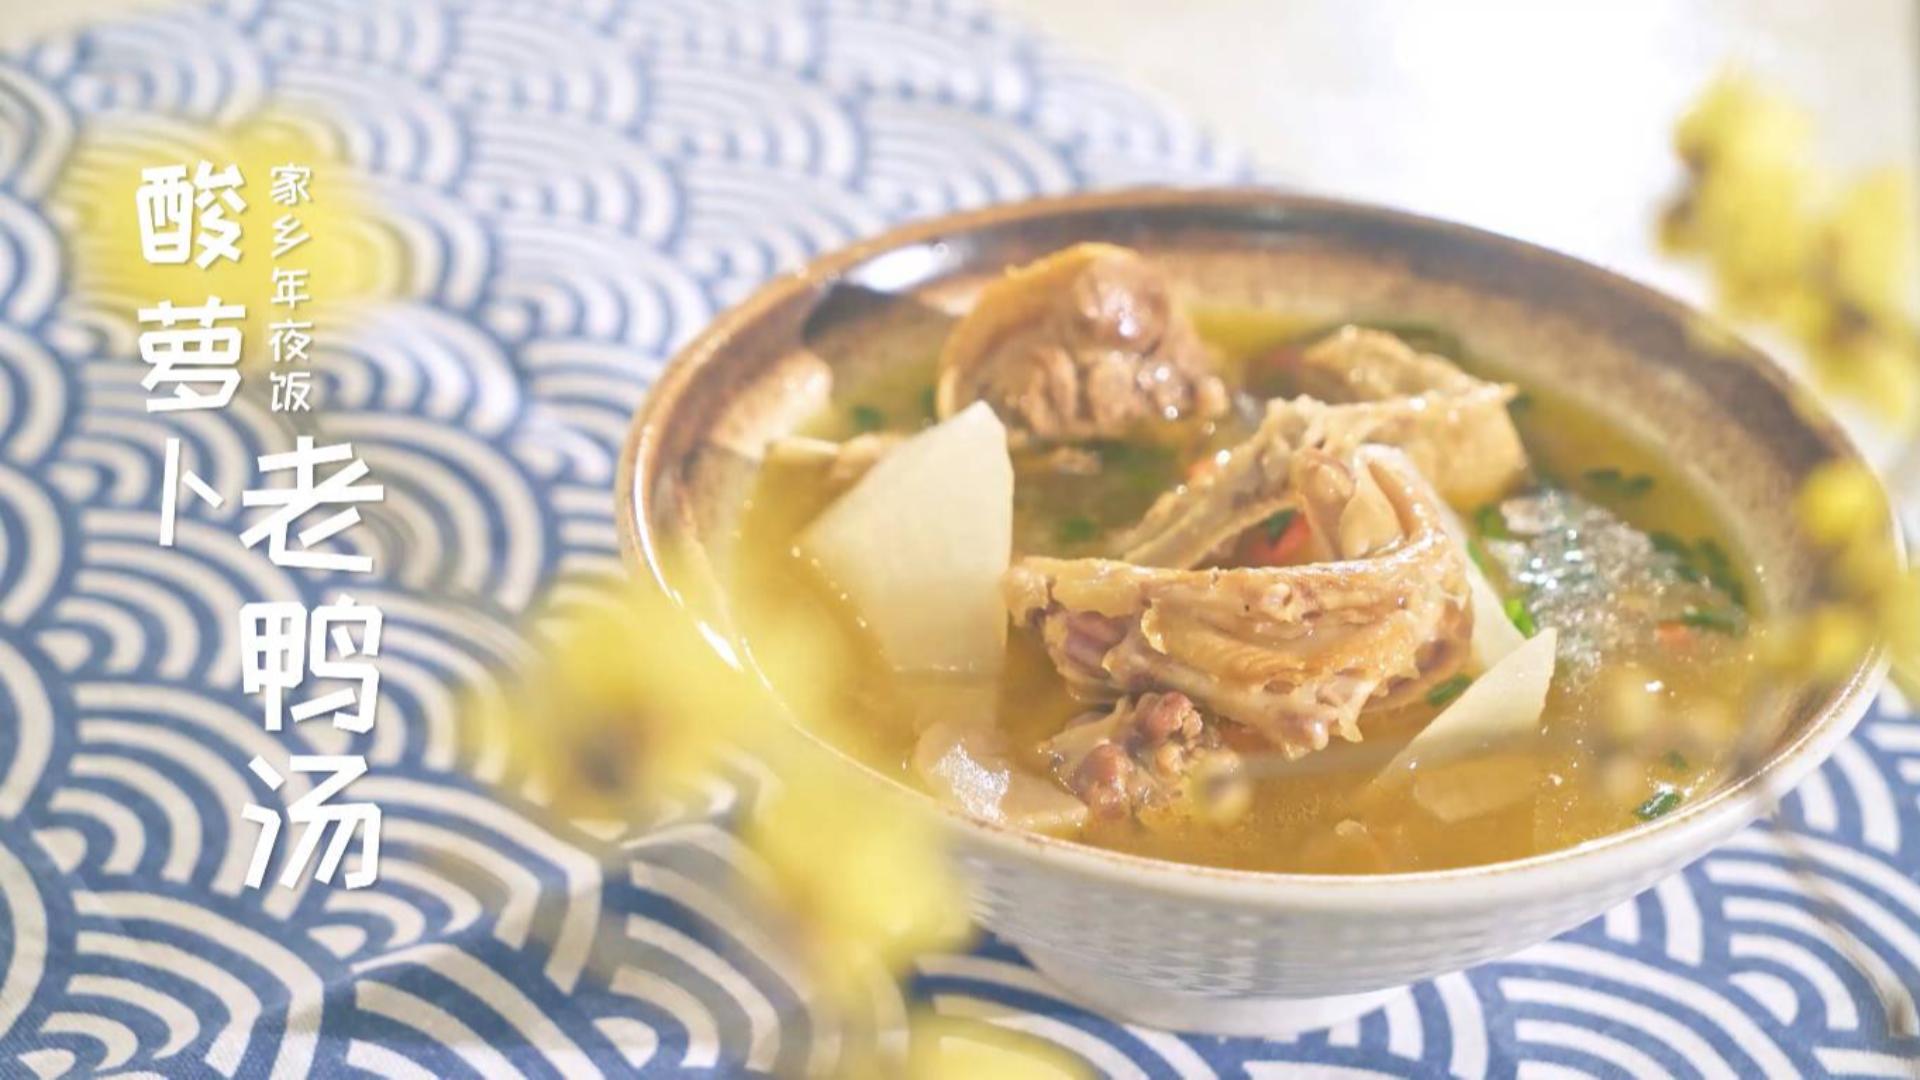 一只老鸭配上半年的酸萝卜,酸汤中和油腻,年夜饭的完美配汤